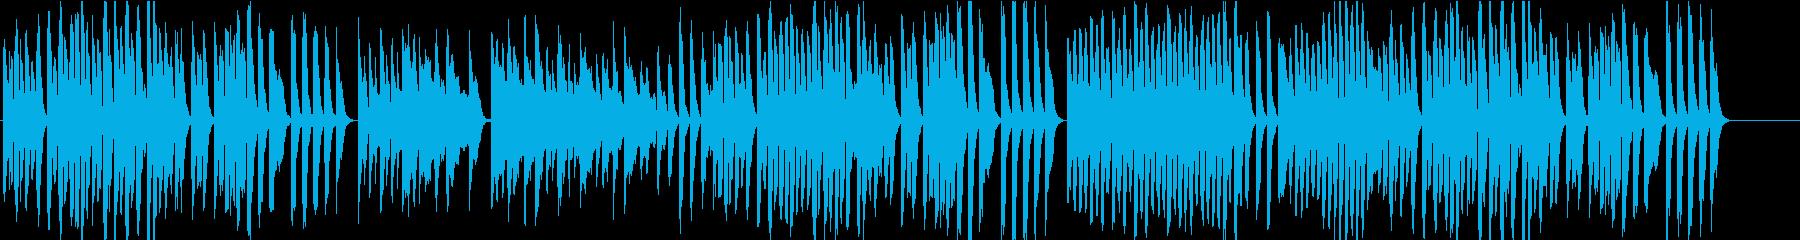 アプリや映像にかわいいオルゴール風ピアノの再生済みの波形